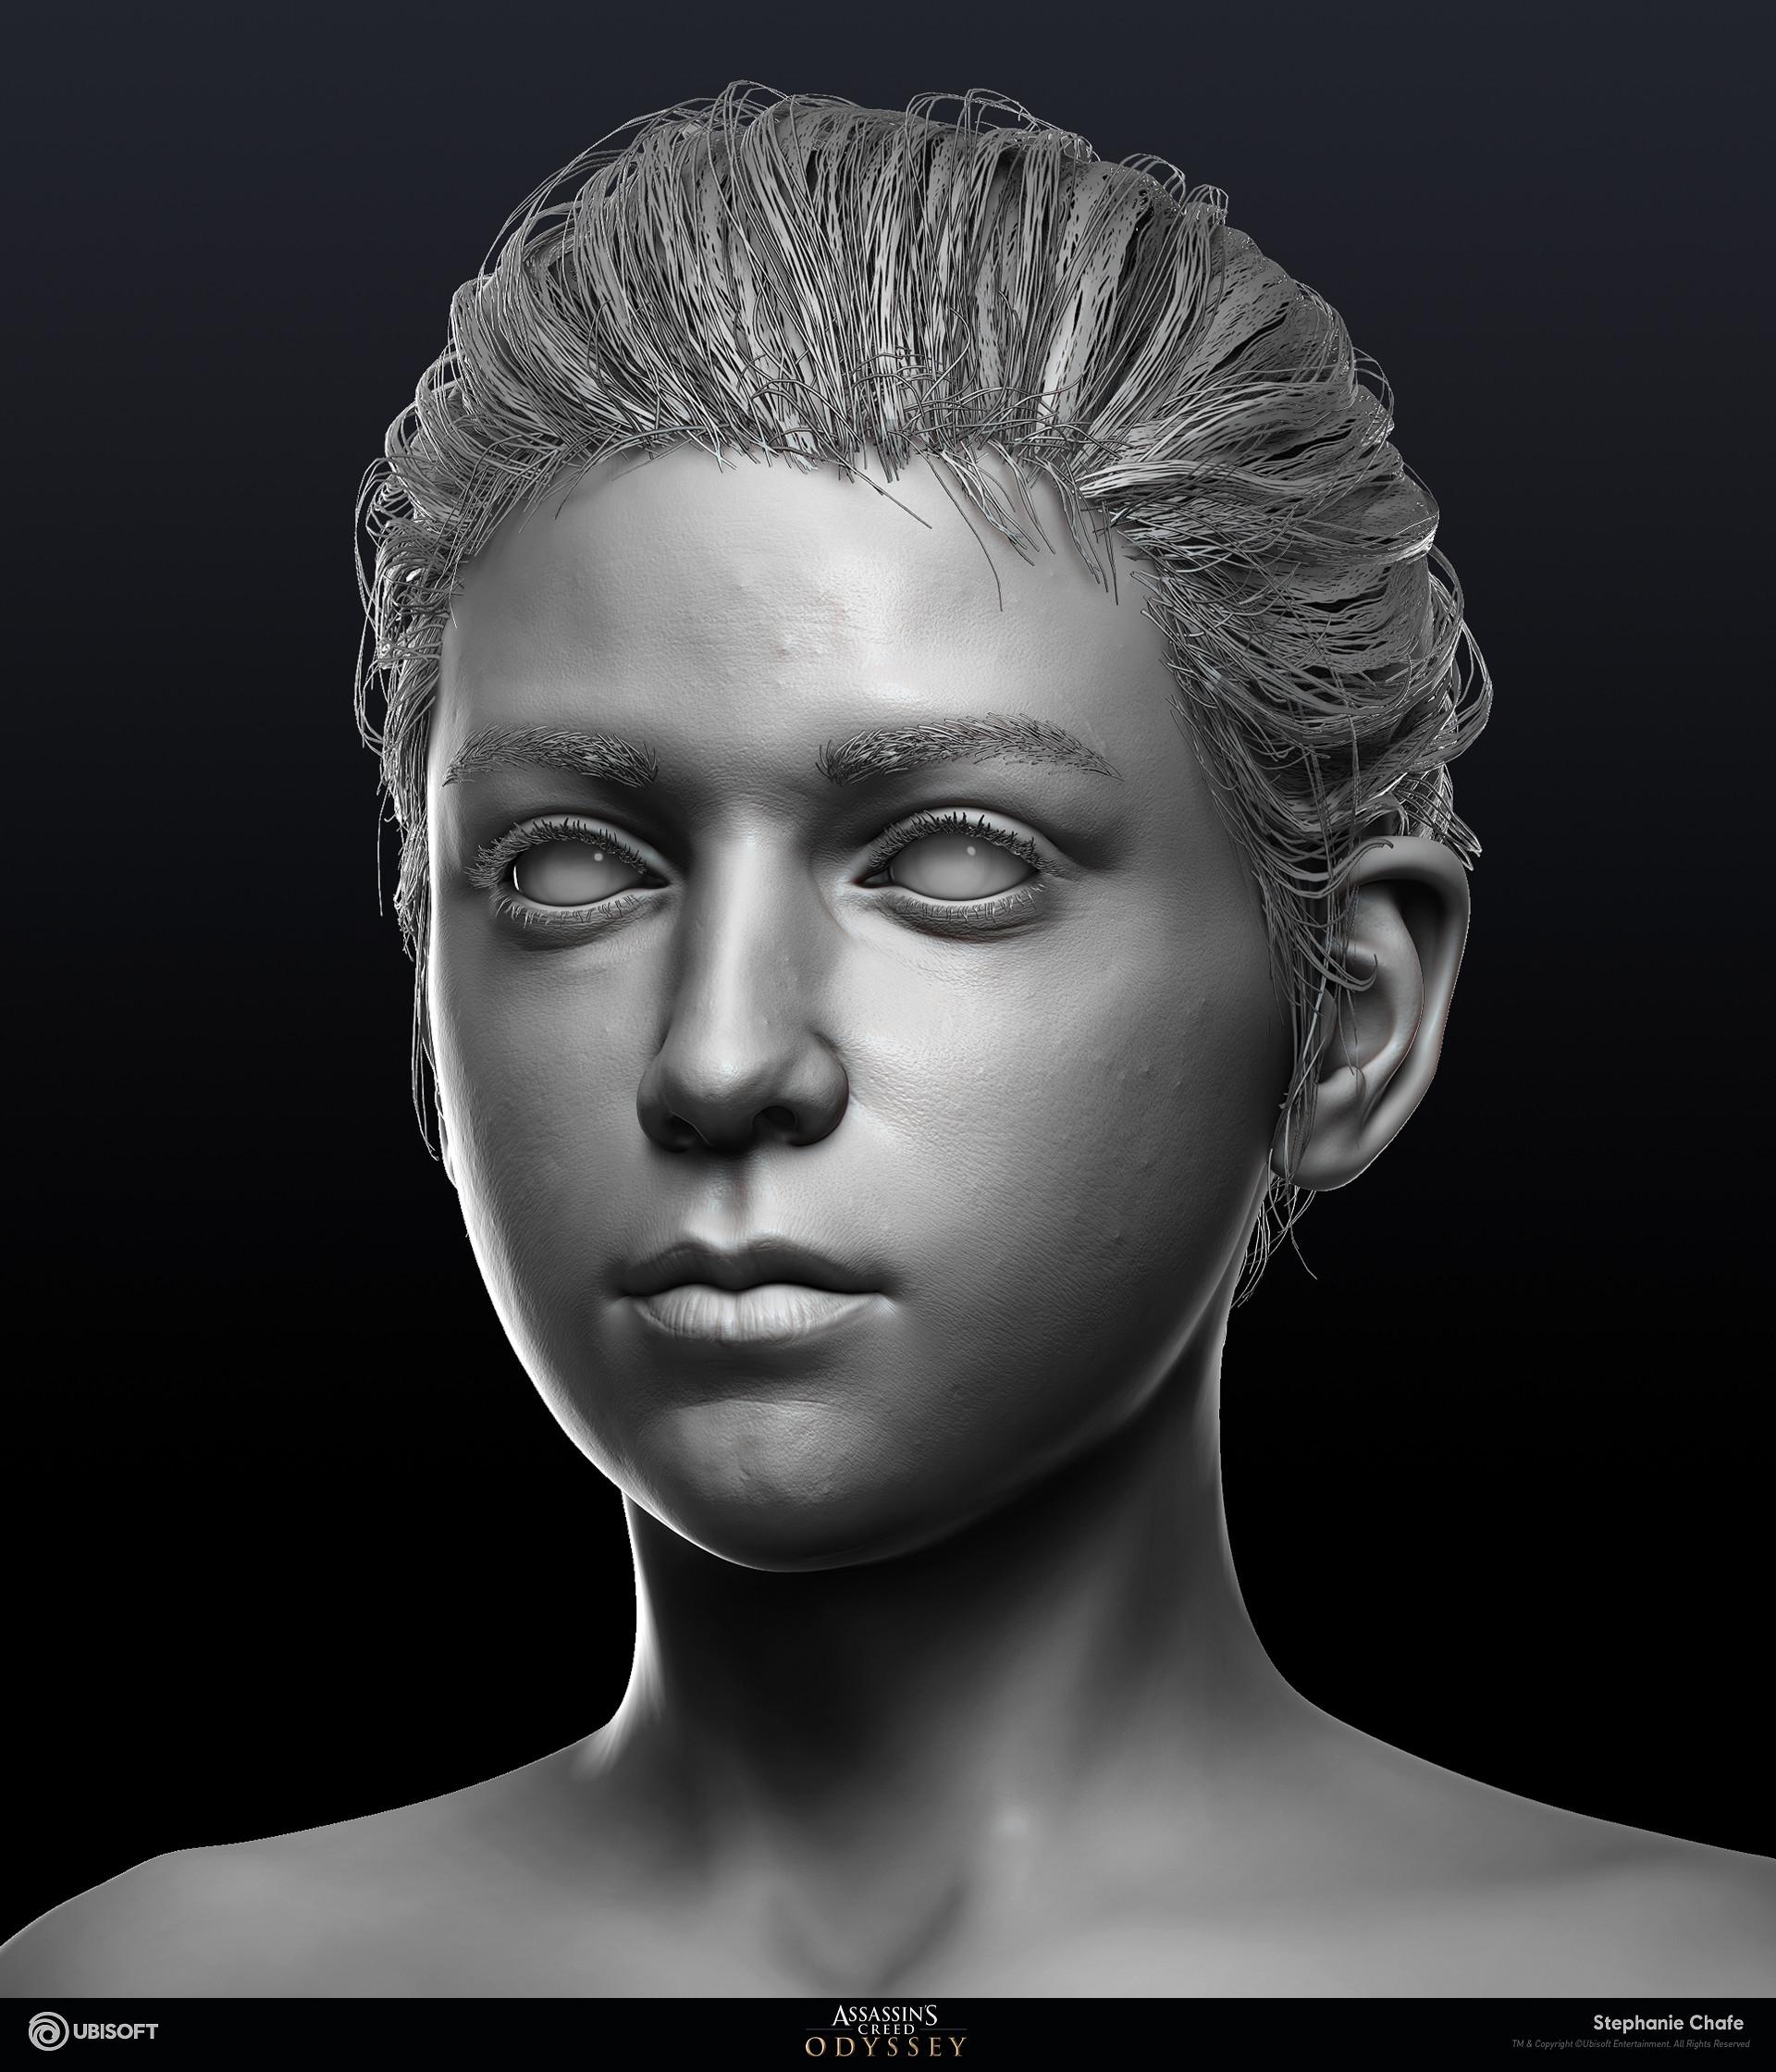 Stephanie chafe artblast phoibesculpt